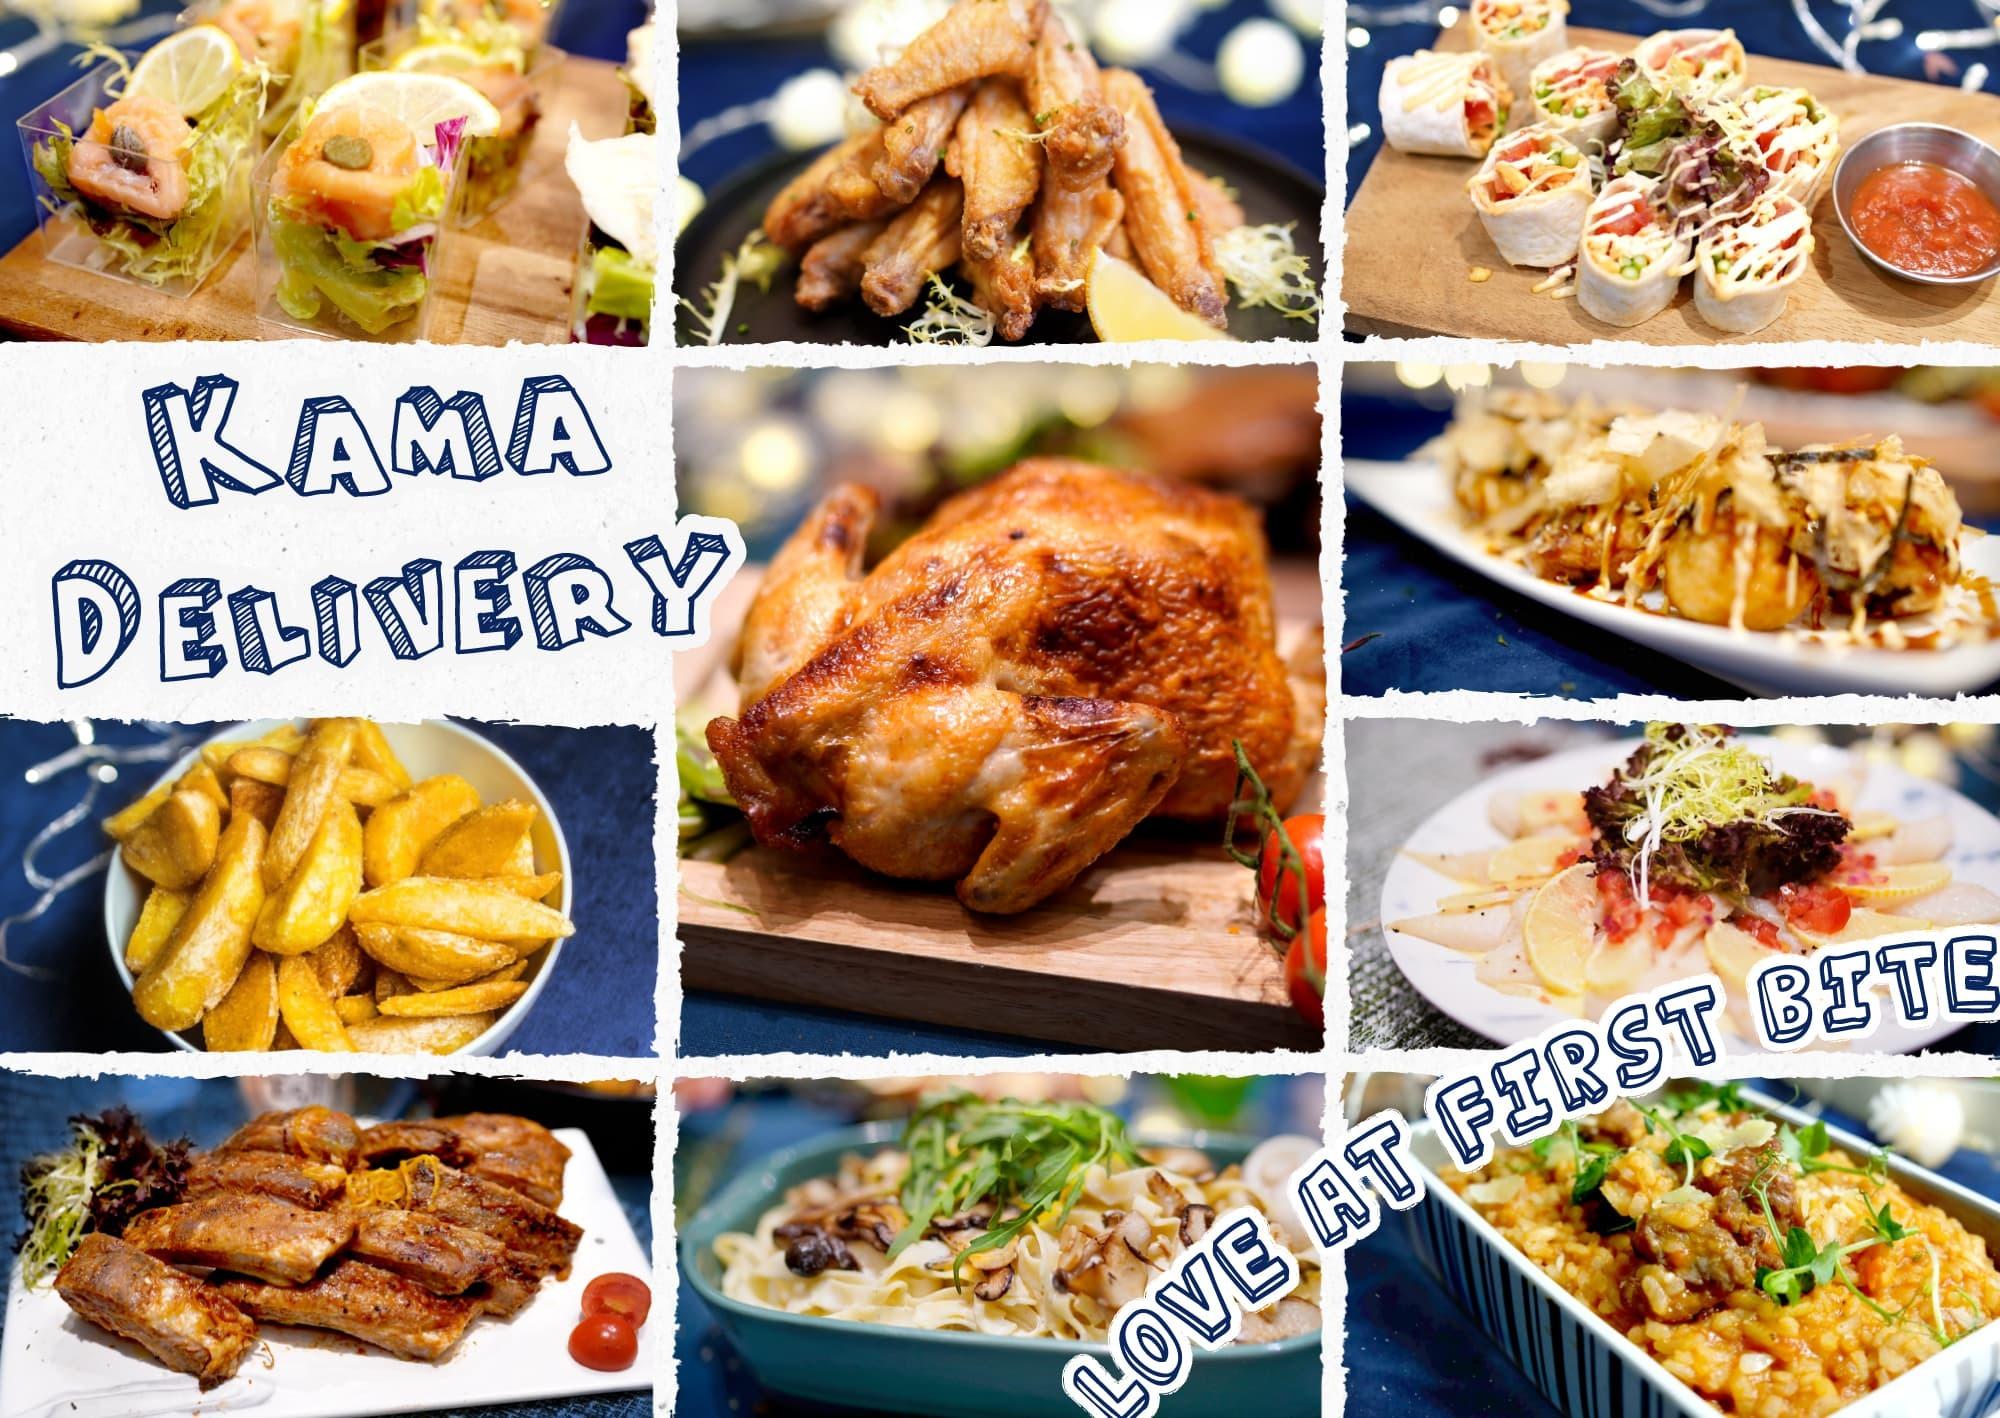 35人到會外賣.推介首選|Kama Delivery美食到會外賣服務提供環球菜式配上優良食材,炮製出精緻沙律、一口小食、西式主菜、海鮮、甜品、自家製飲品等多款主題餐單,每次都新鮮製作,而且嚴格監控食物衛生品質,絕對可以放心食用,並專享各種優惠及回贈!